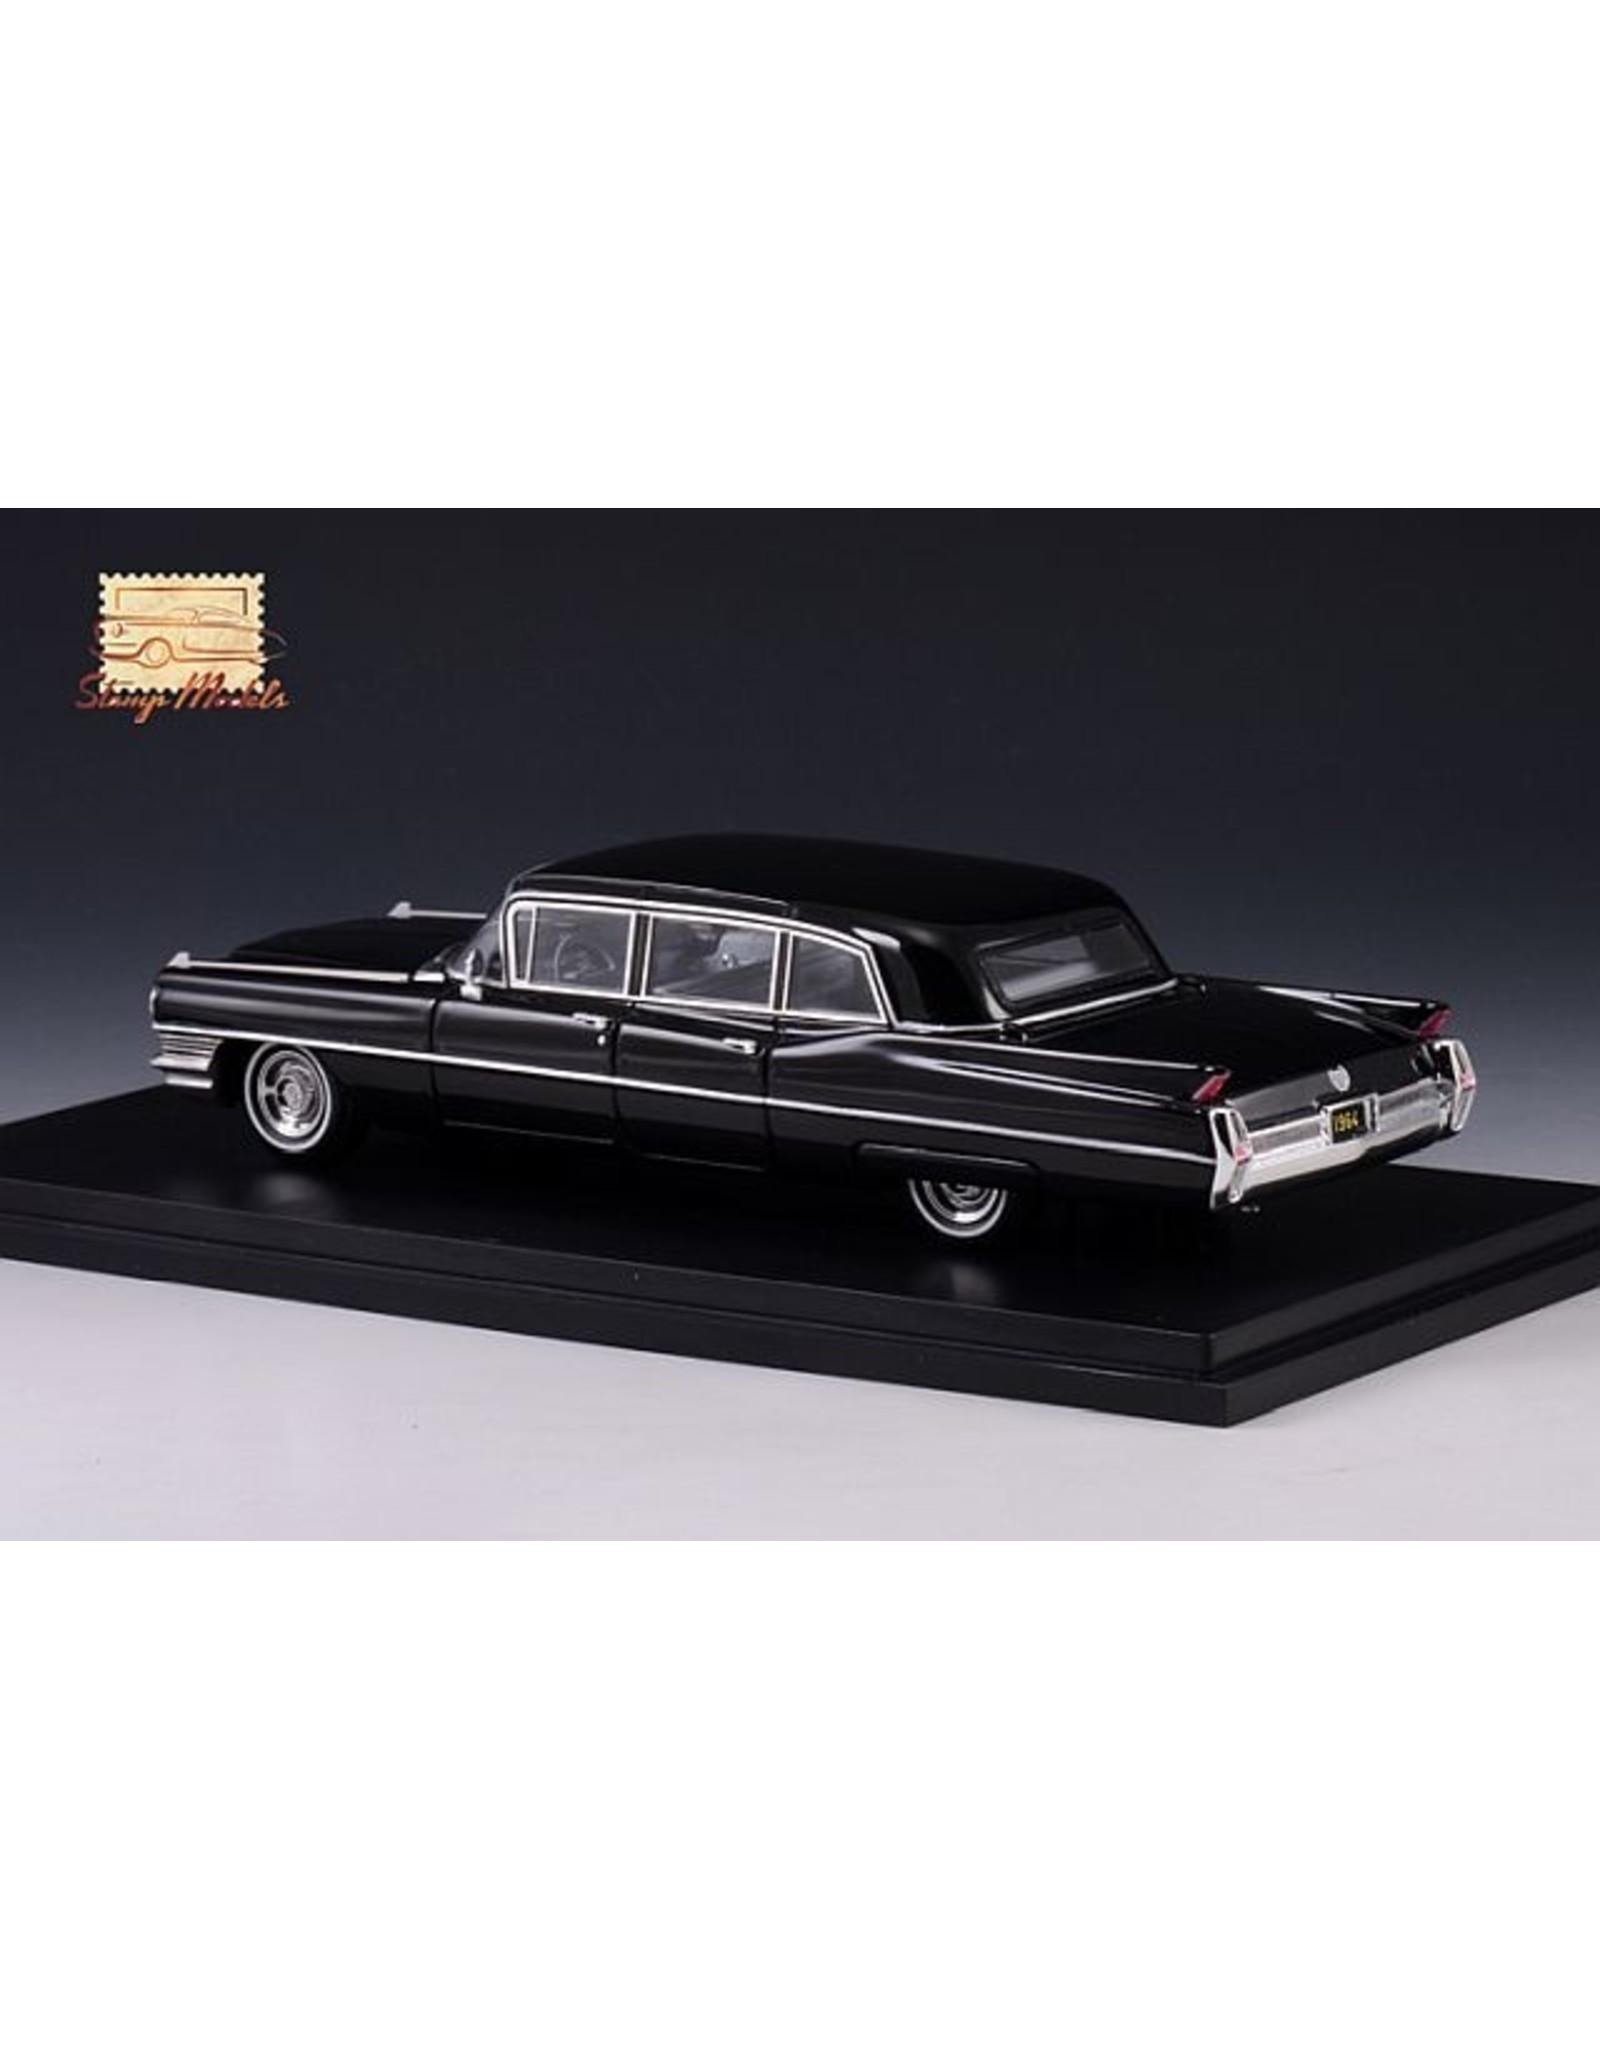 Cadillac(General Motors) Cadillac Fleetwood 75 Limousine(1964)black